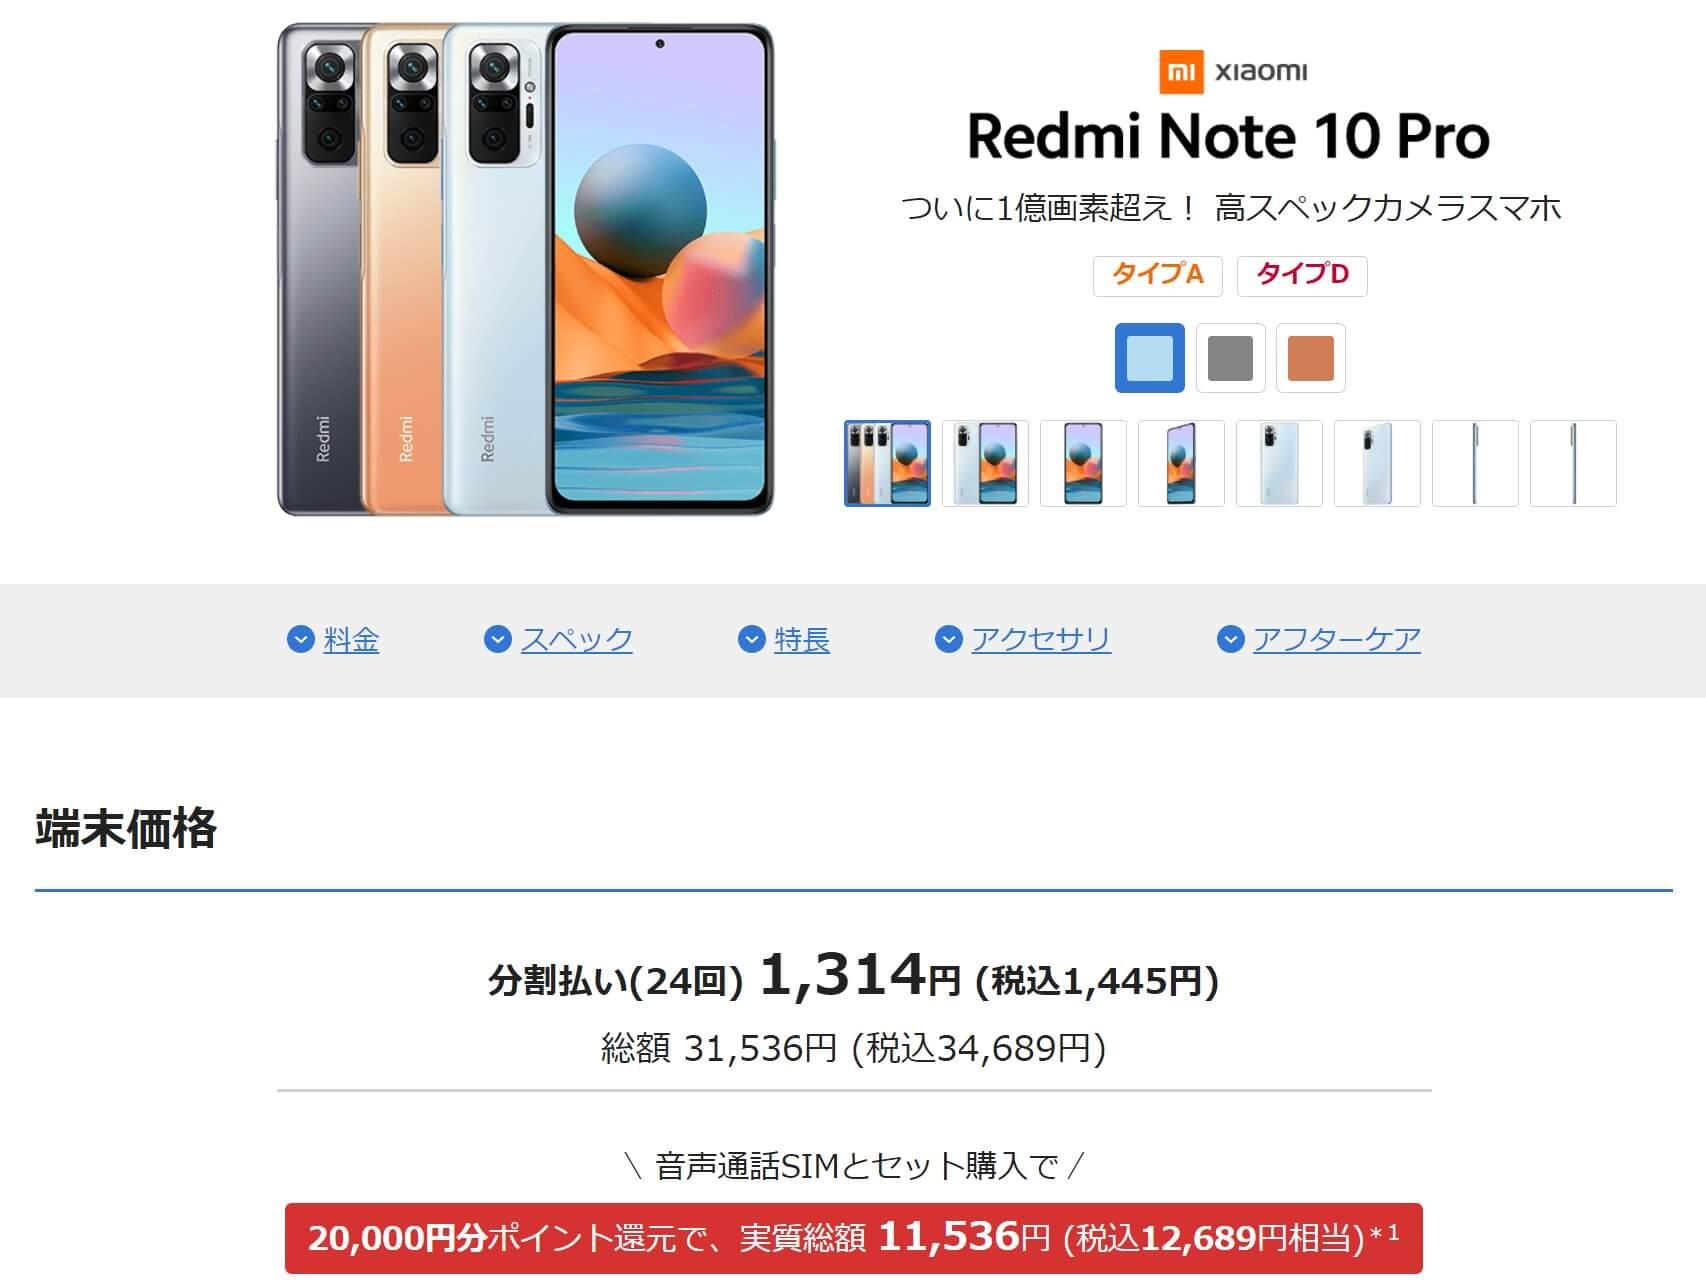 格安SIMのBIGLOBEモバイルではRedmi Note 10 Proが実質12,689円(税込)